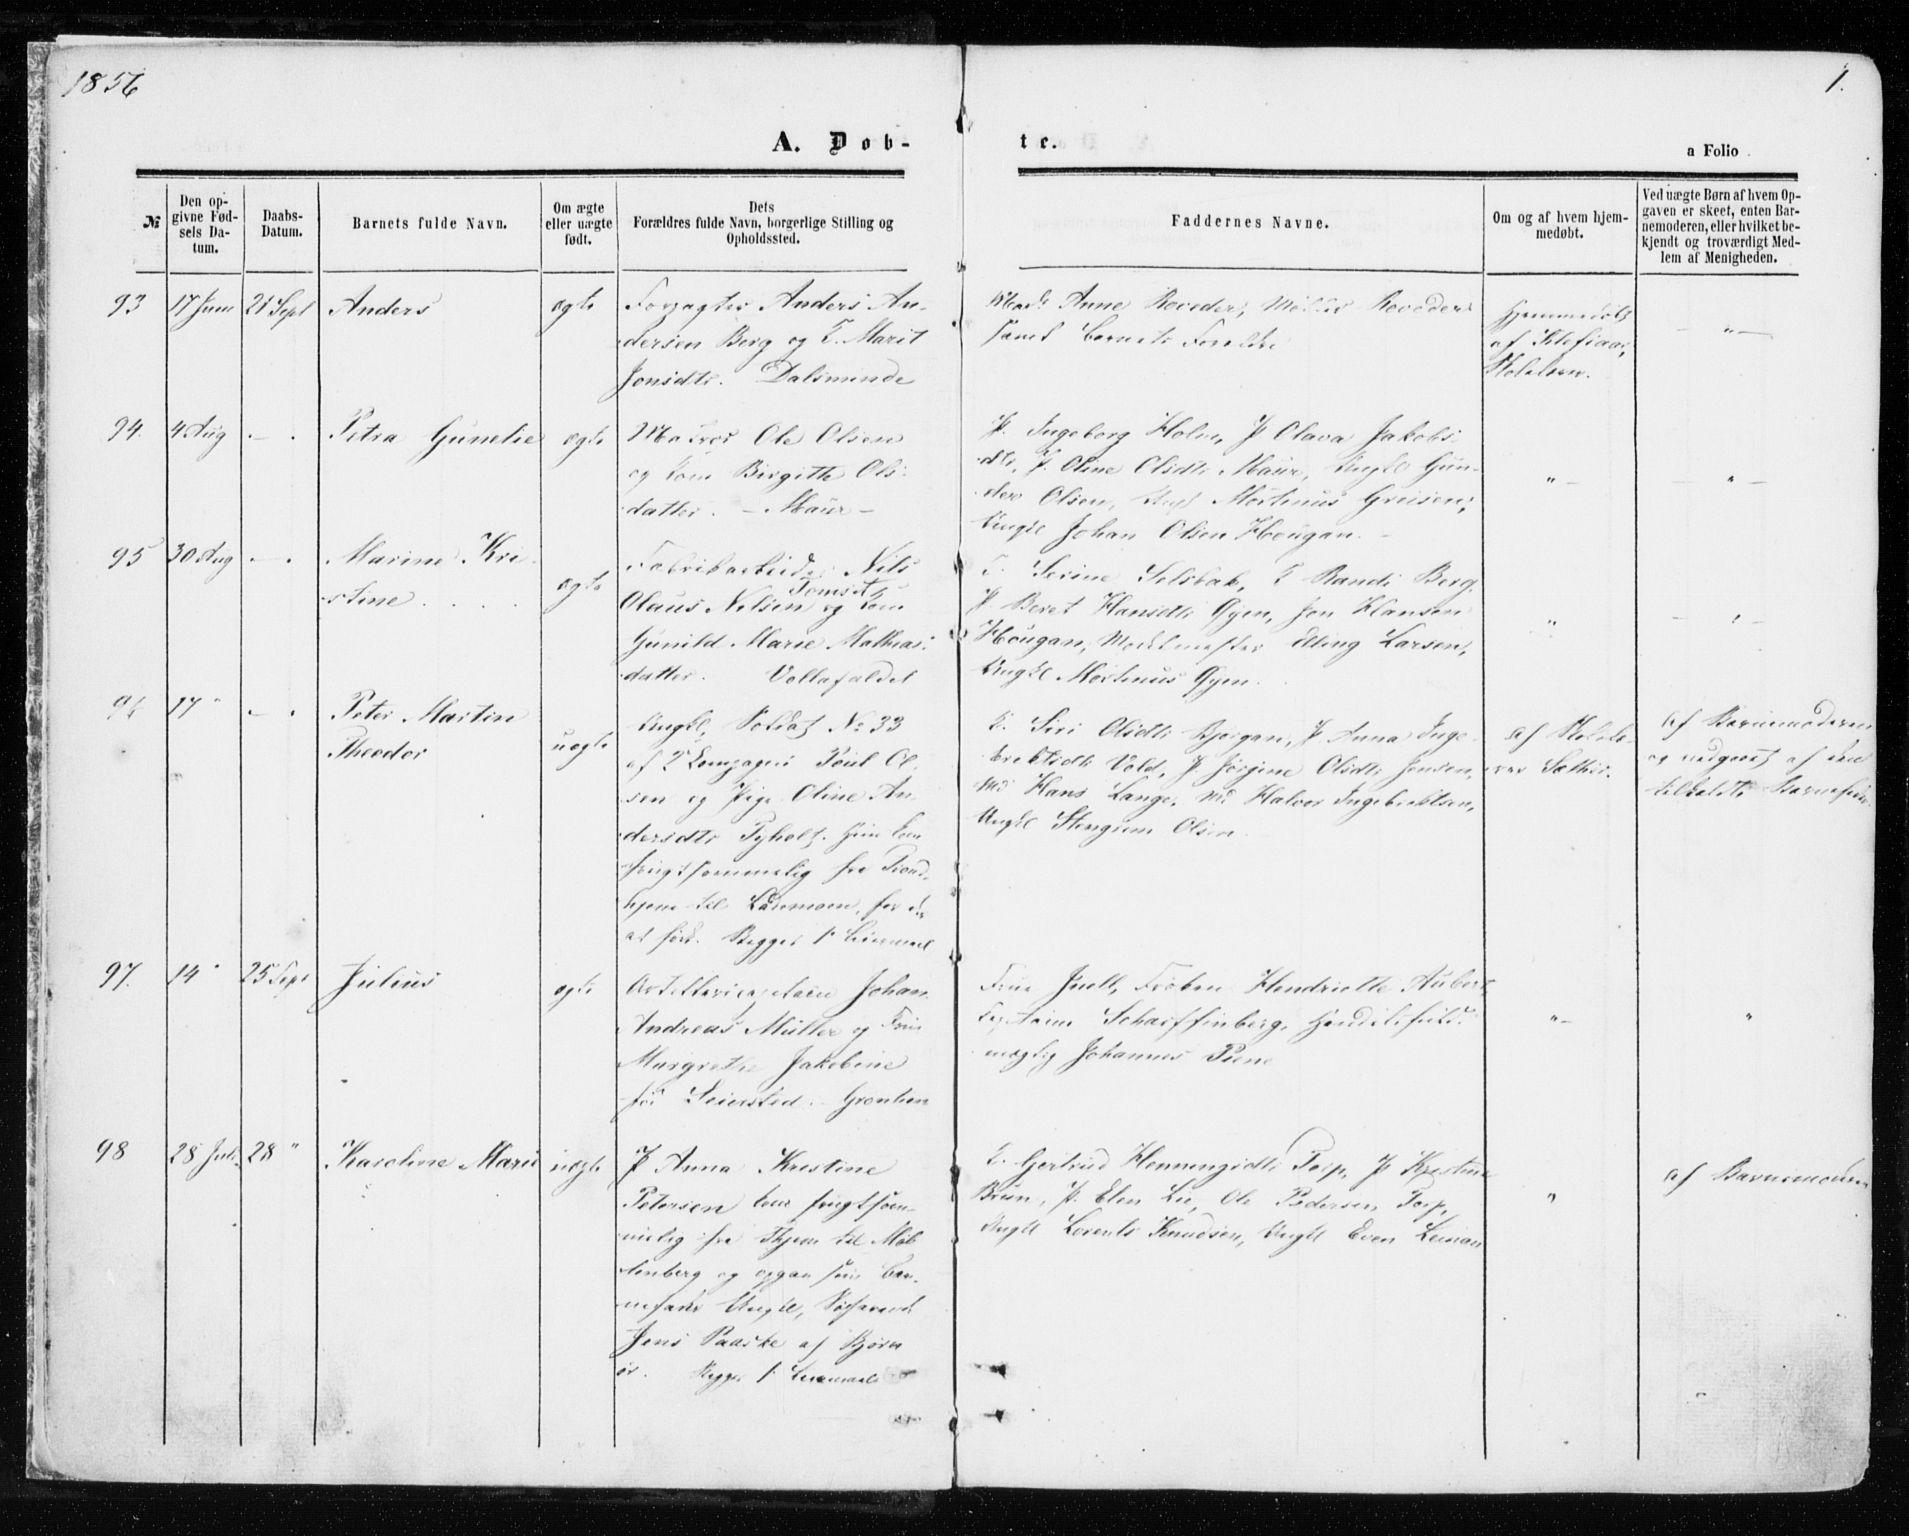 SAT, Ministerialprotokoller, klokkerbøker og fødselsregistre - Sør-Trøndelag, 606/L0292: Ministerialbok nr. 606A07, 1856-1865, s. 1